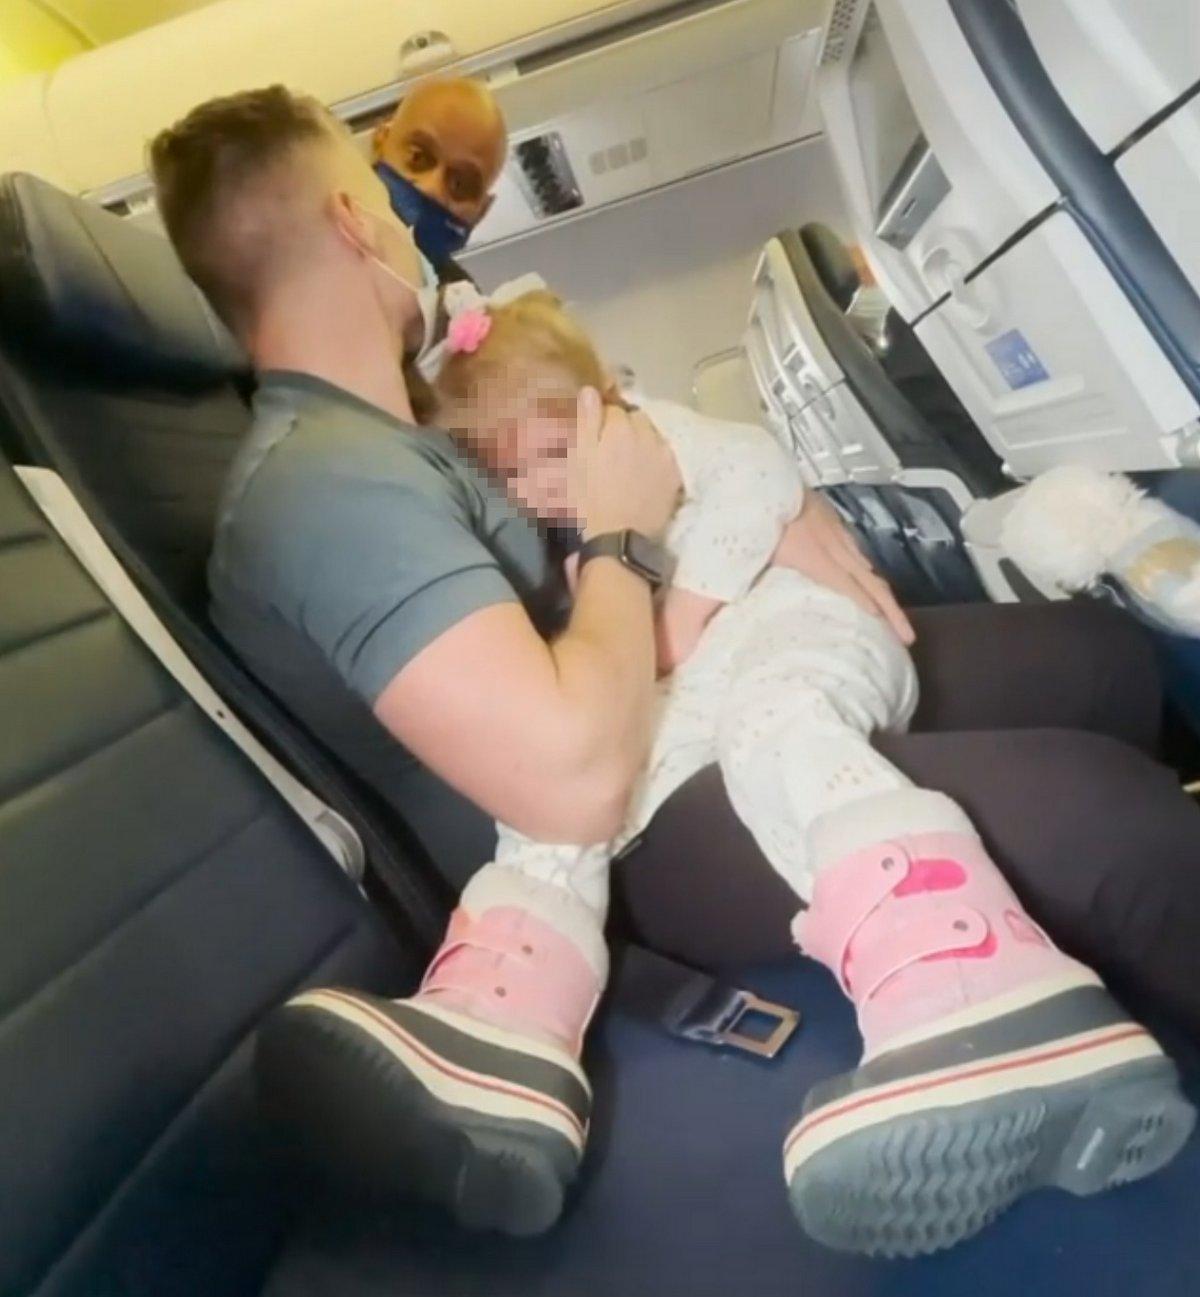 Un couple part sans sa fille après qu'on lui a dit de porter un masque dans l'avion